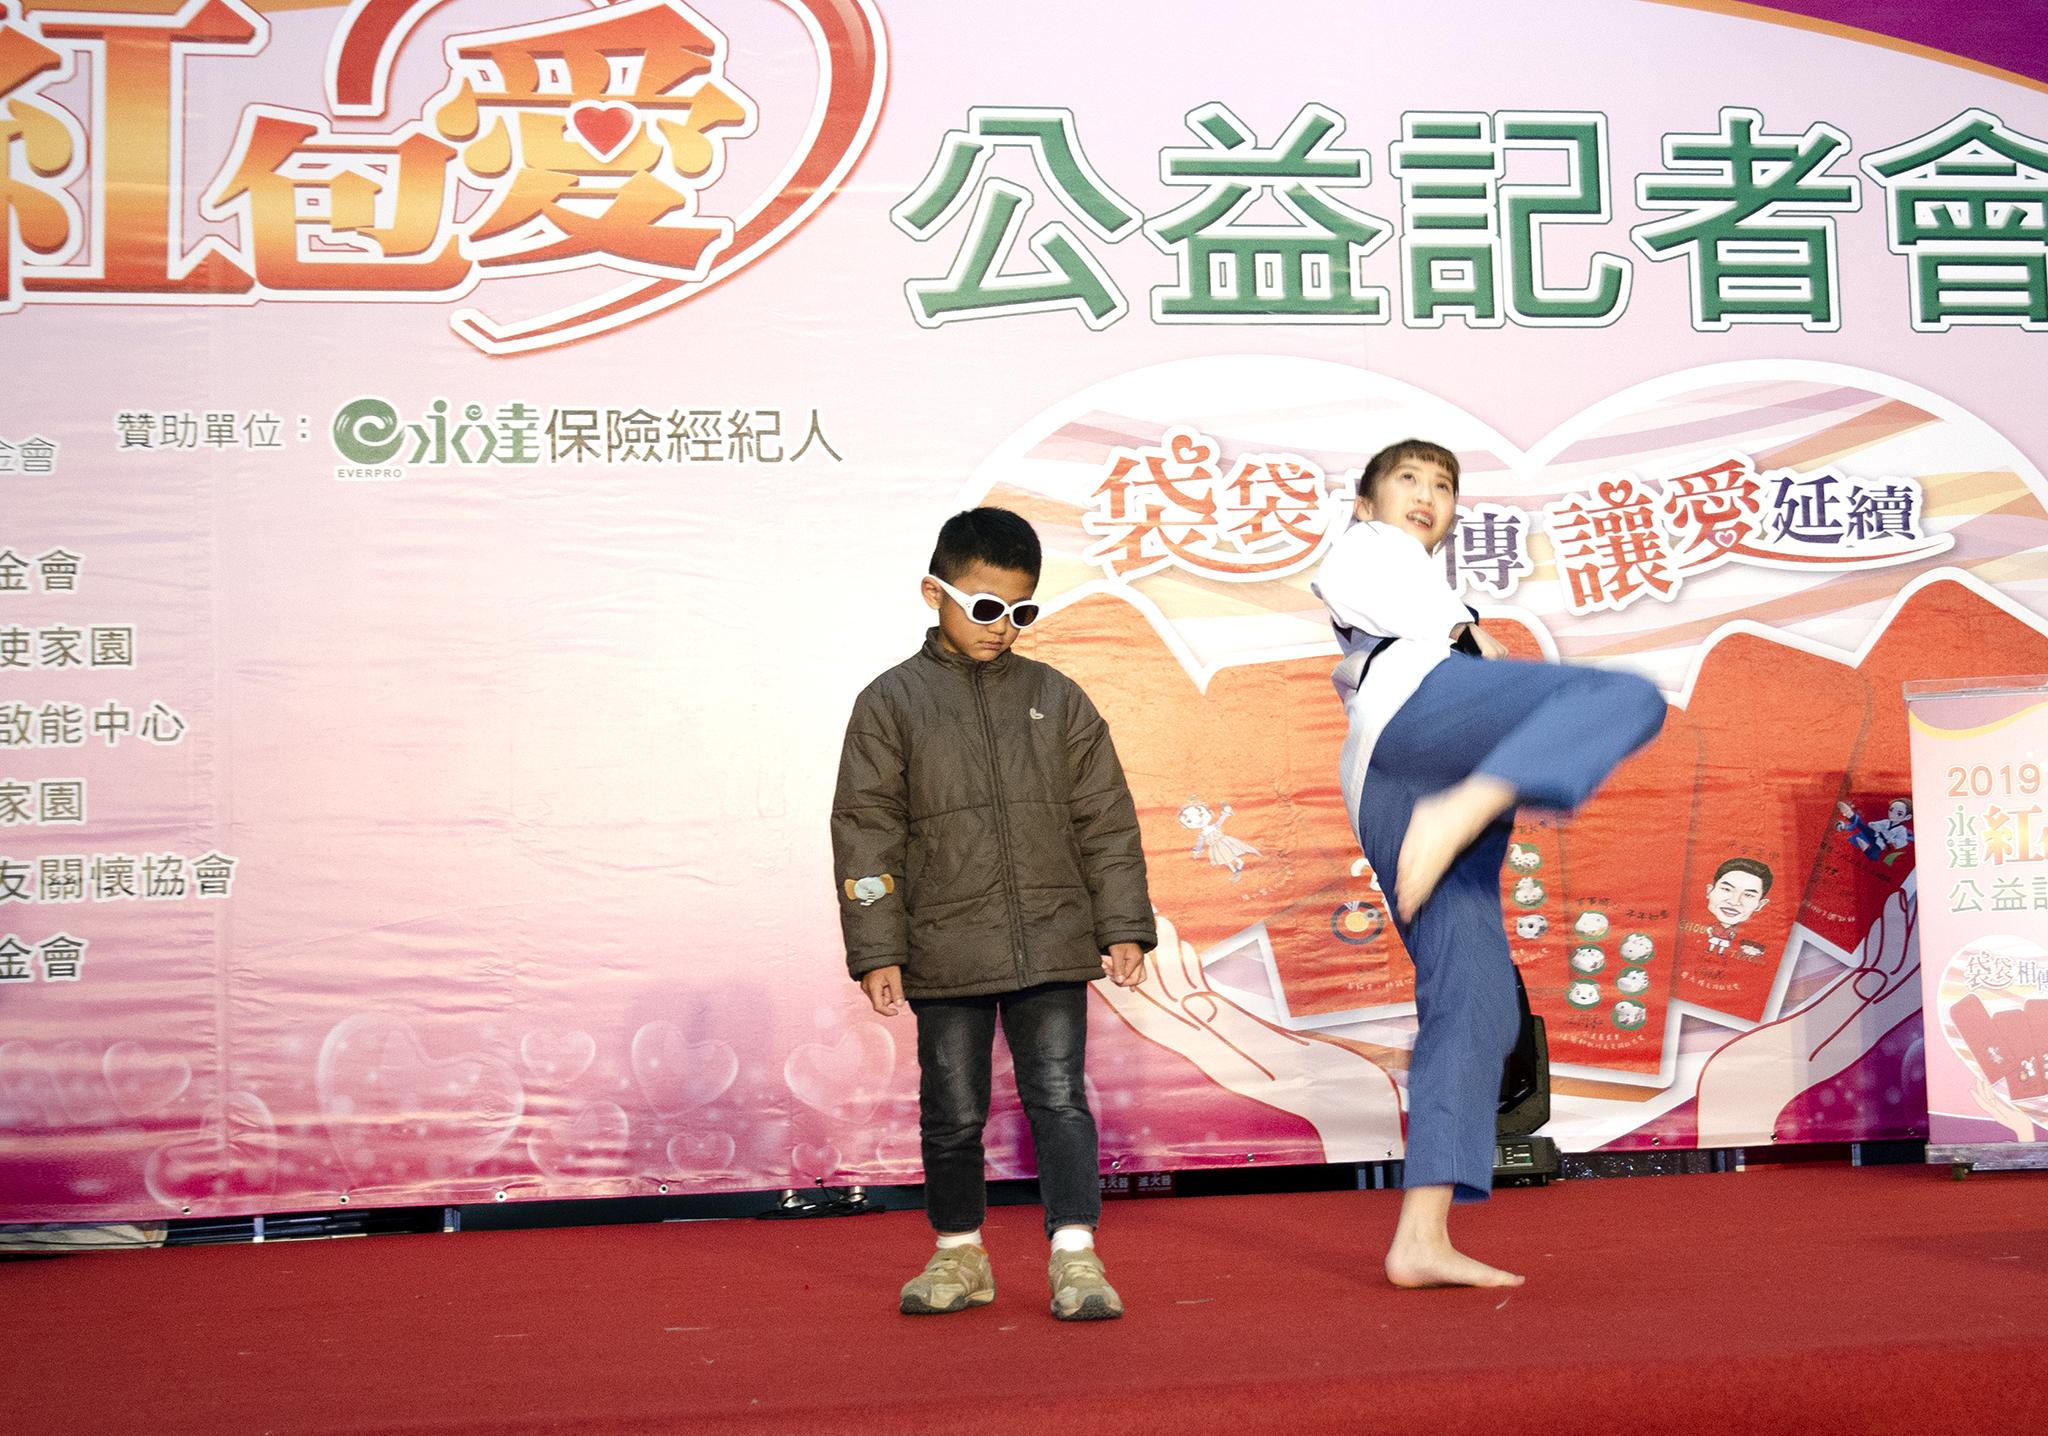 跆拳小可愛林侃諭教孩子跆拳品勢動作。